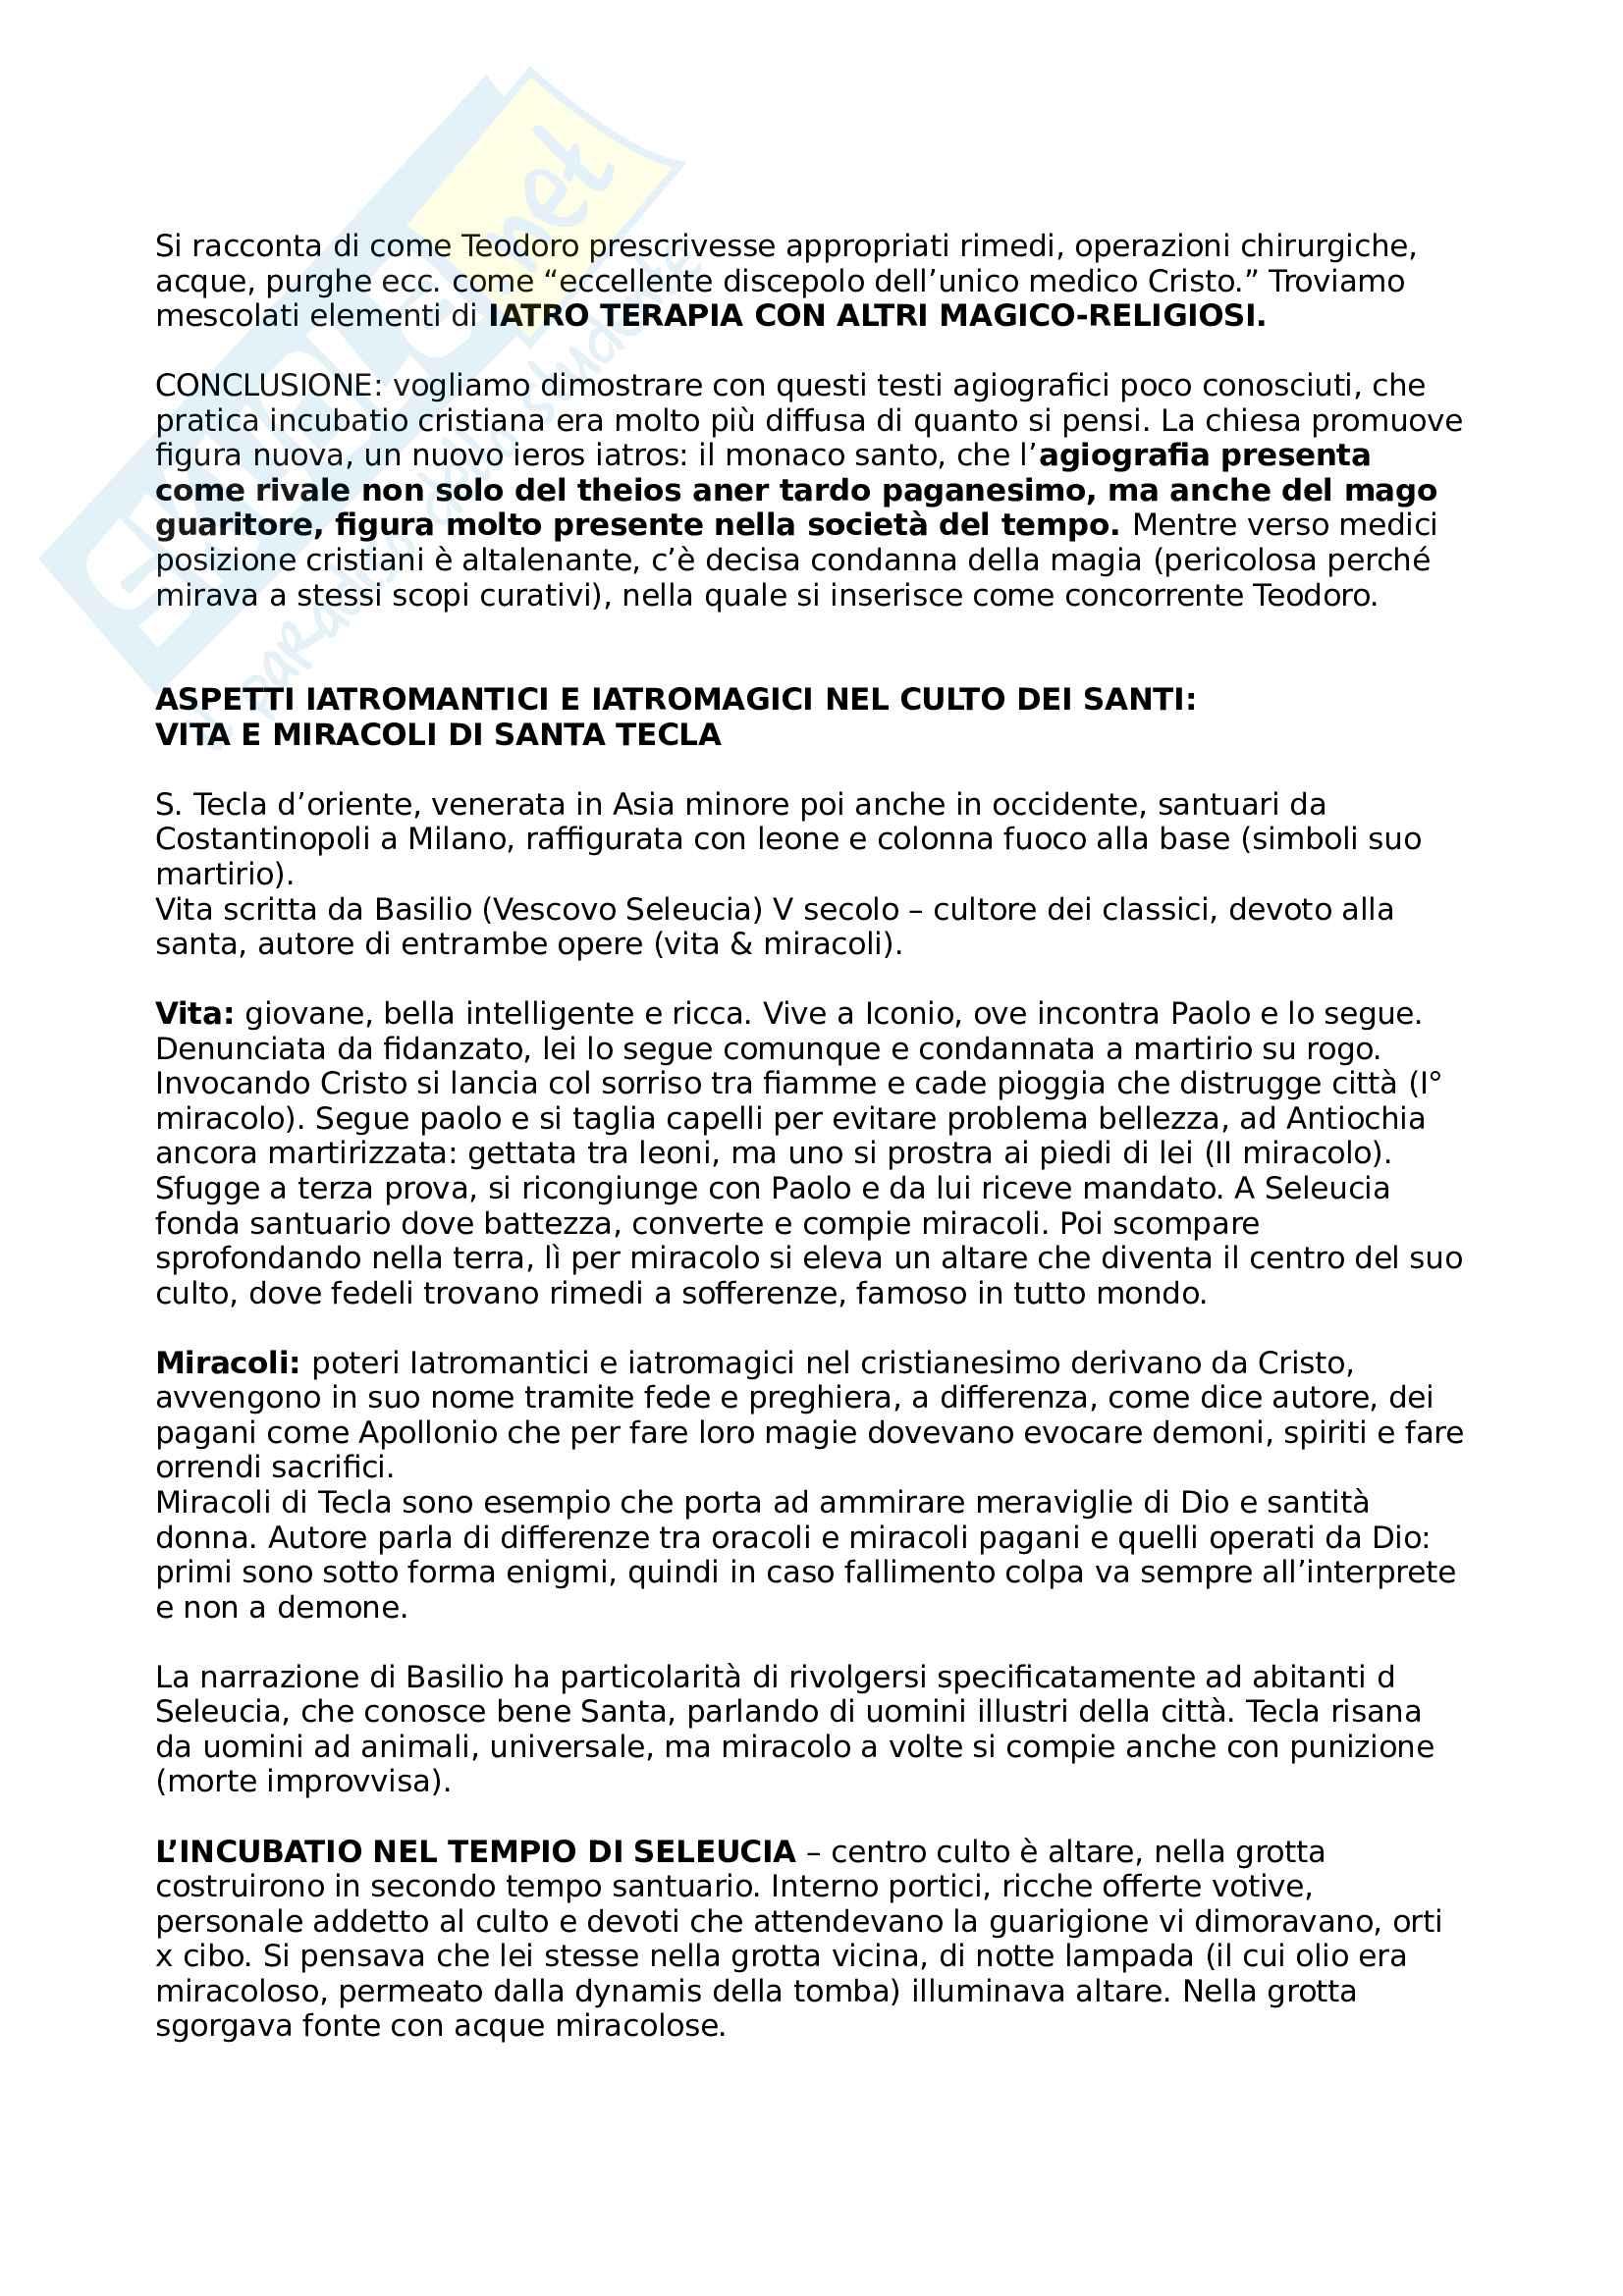 """Riassunto dell'esame Storia del cristianesimo e Storia del tardoantico cristiano, prof. Canetti, libro consigliato """"Cristo e Asclepio. Culti terapeutici e taumaturgici nel mondo mediterraneo antico fra pagani e cristiani"""", dal Covolo Pag. 11"""